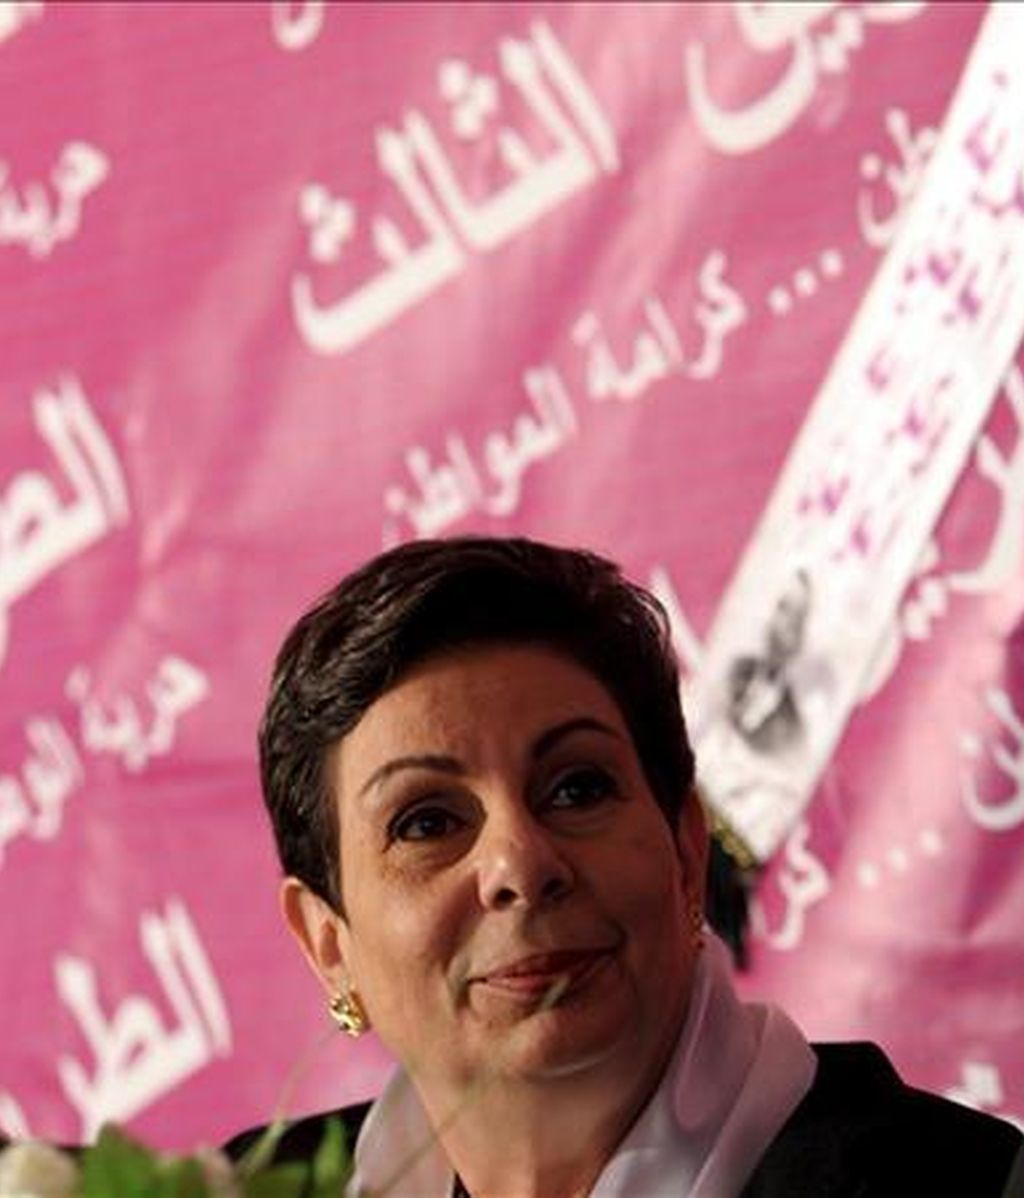 La dirigente palestina Hanan Ashraui, durante un acto electoral en la ciudad cisjordana de Naplusa. EFE/Archivo